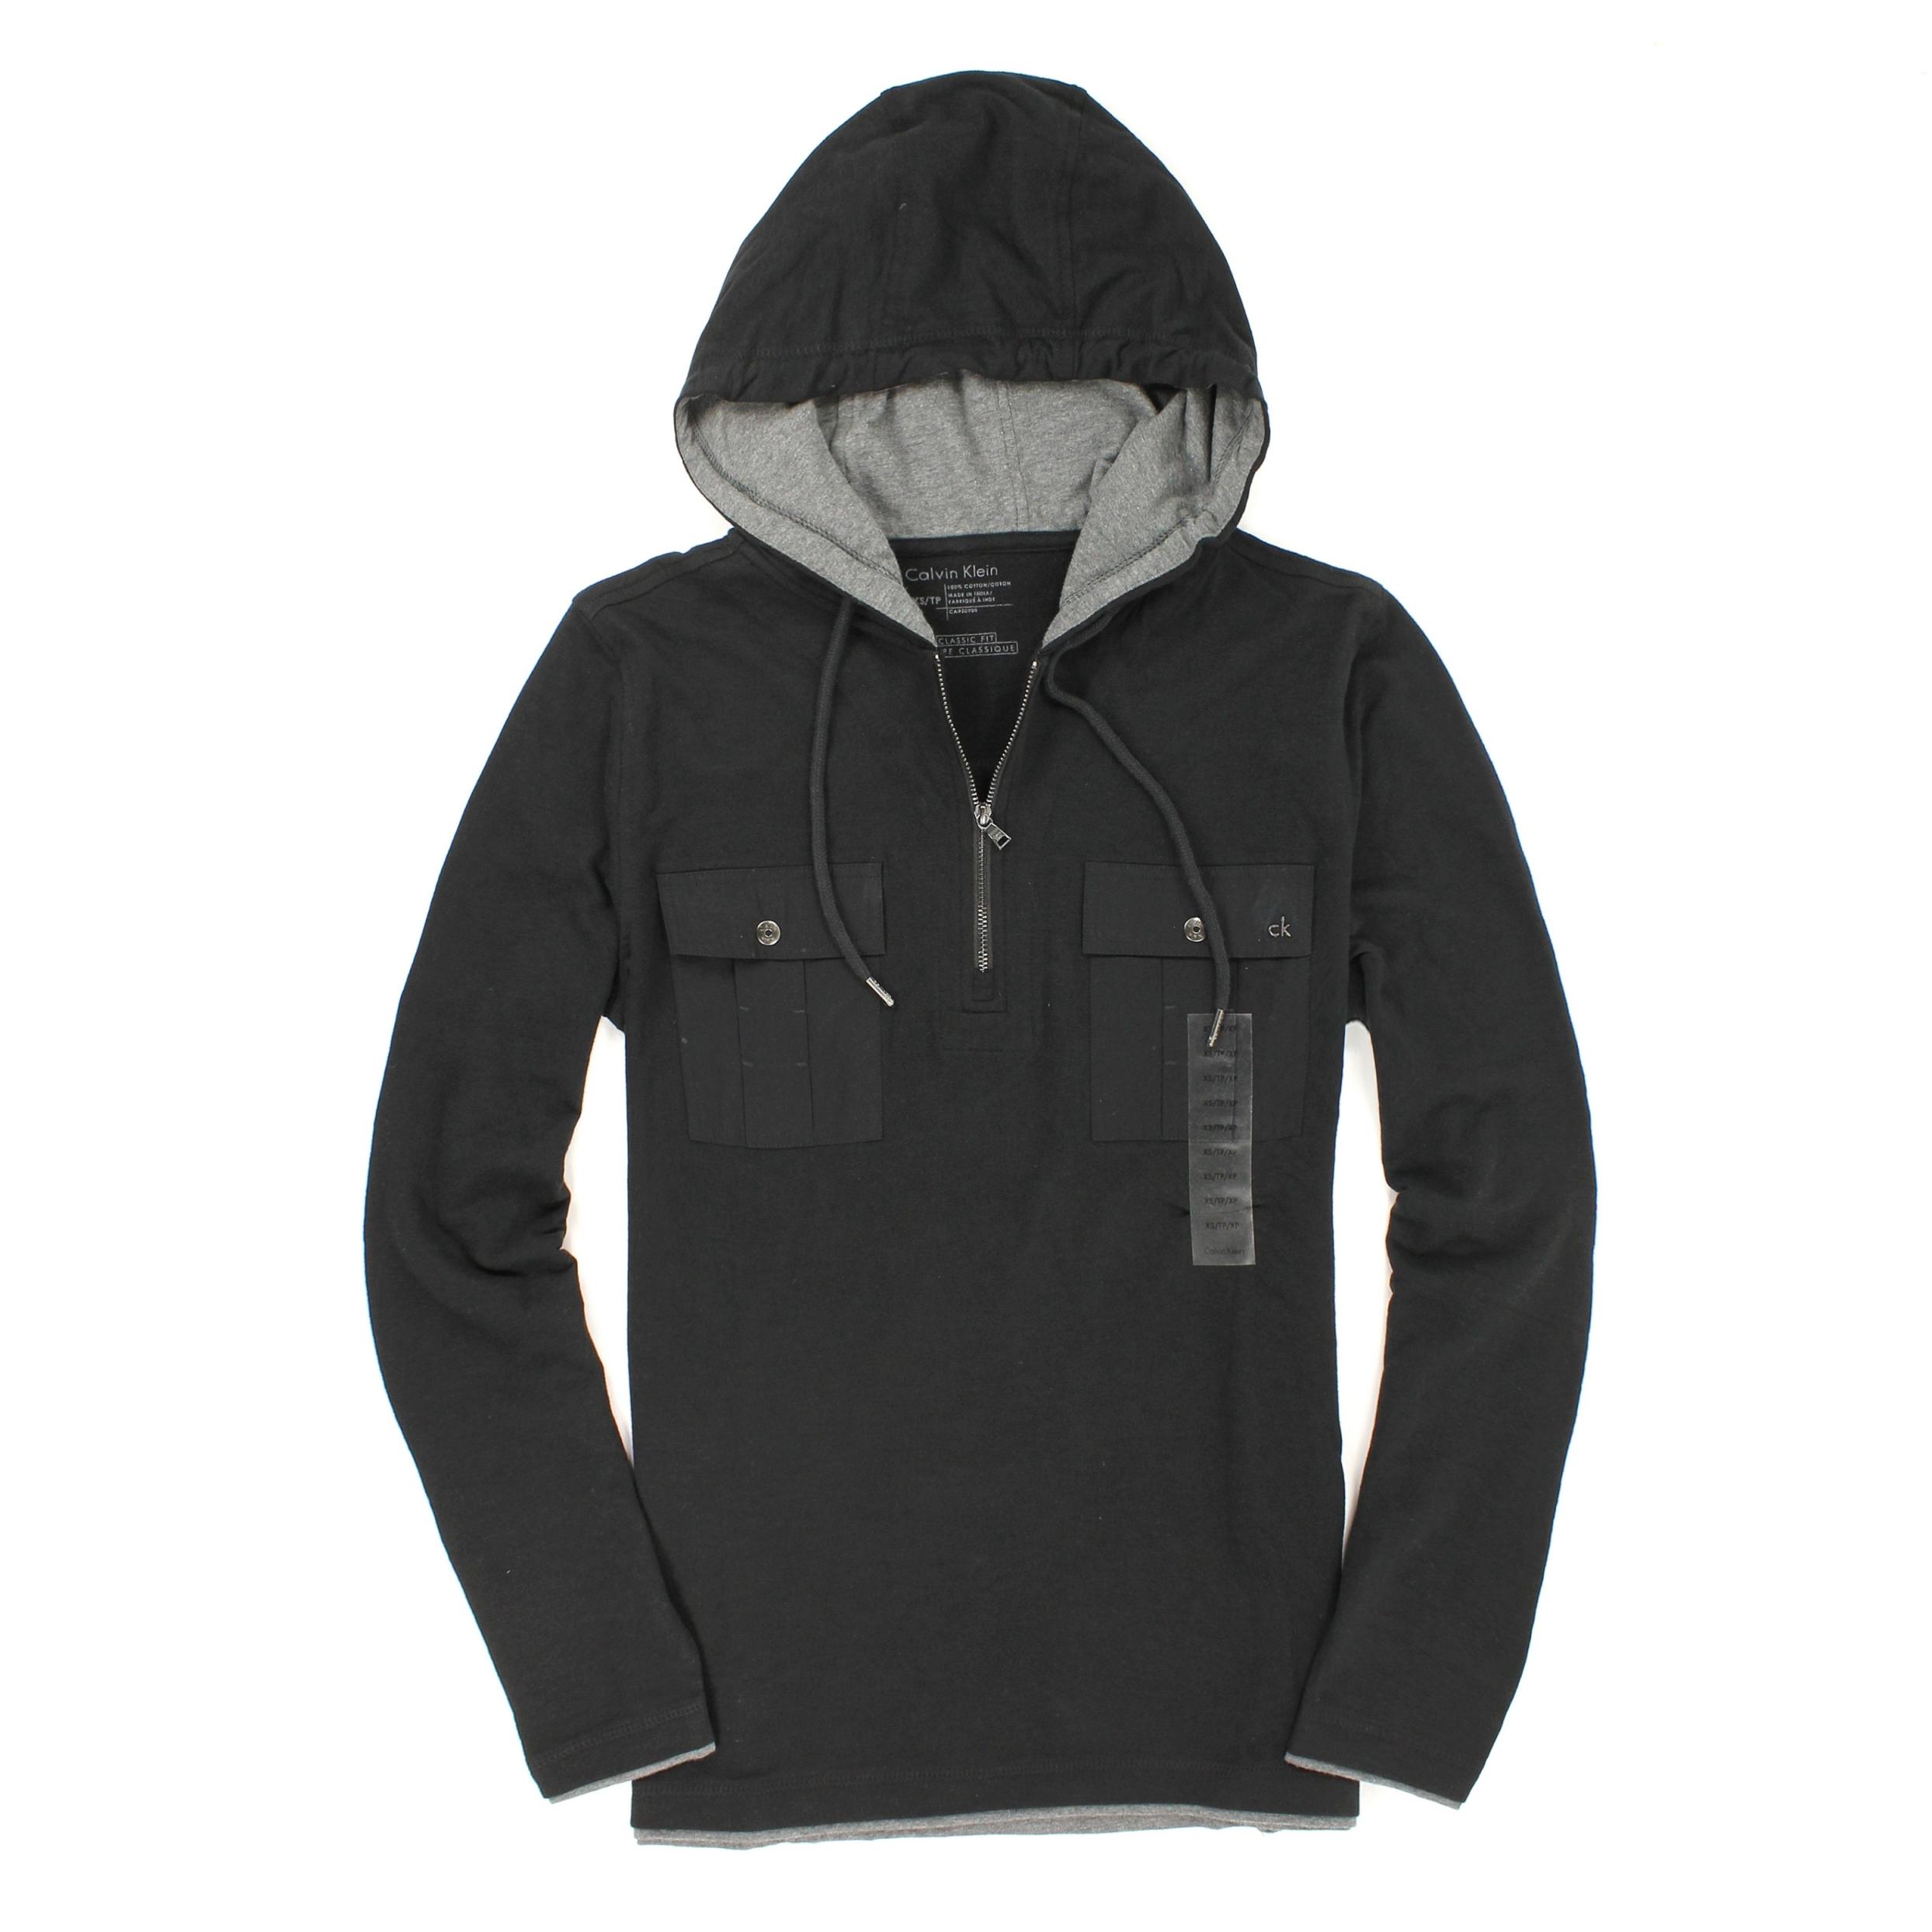 美國百分百【全新真品】Calvin Klein 帽T CK 連帽T恤 外套 長袖 上衣 黑 雙口袋 半拉 純棉 男 XS號